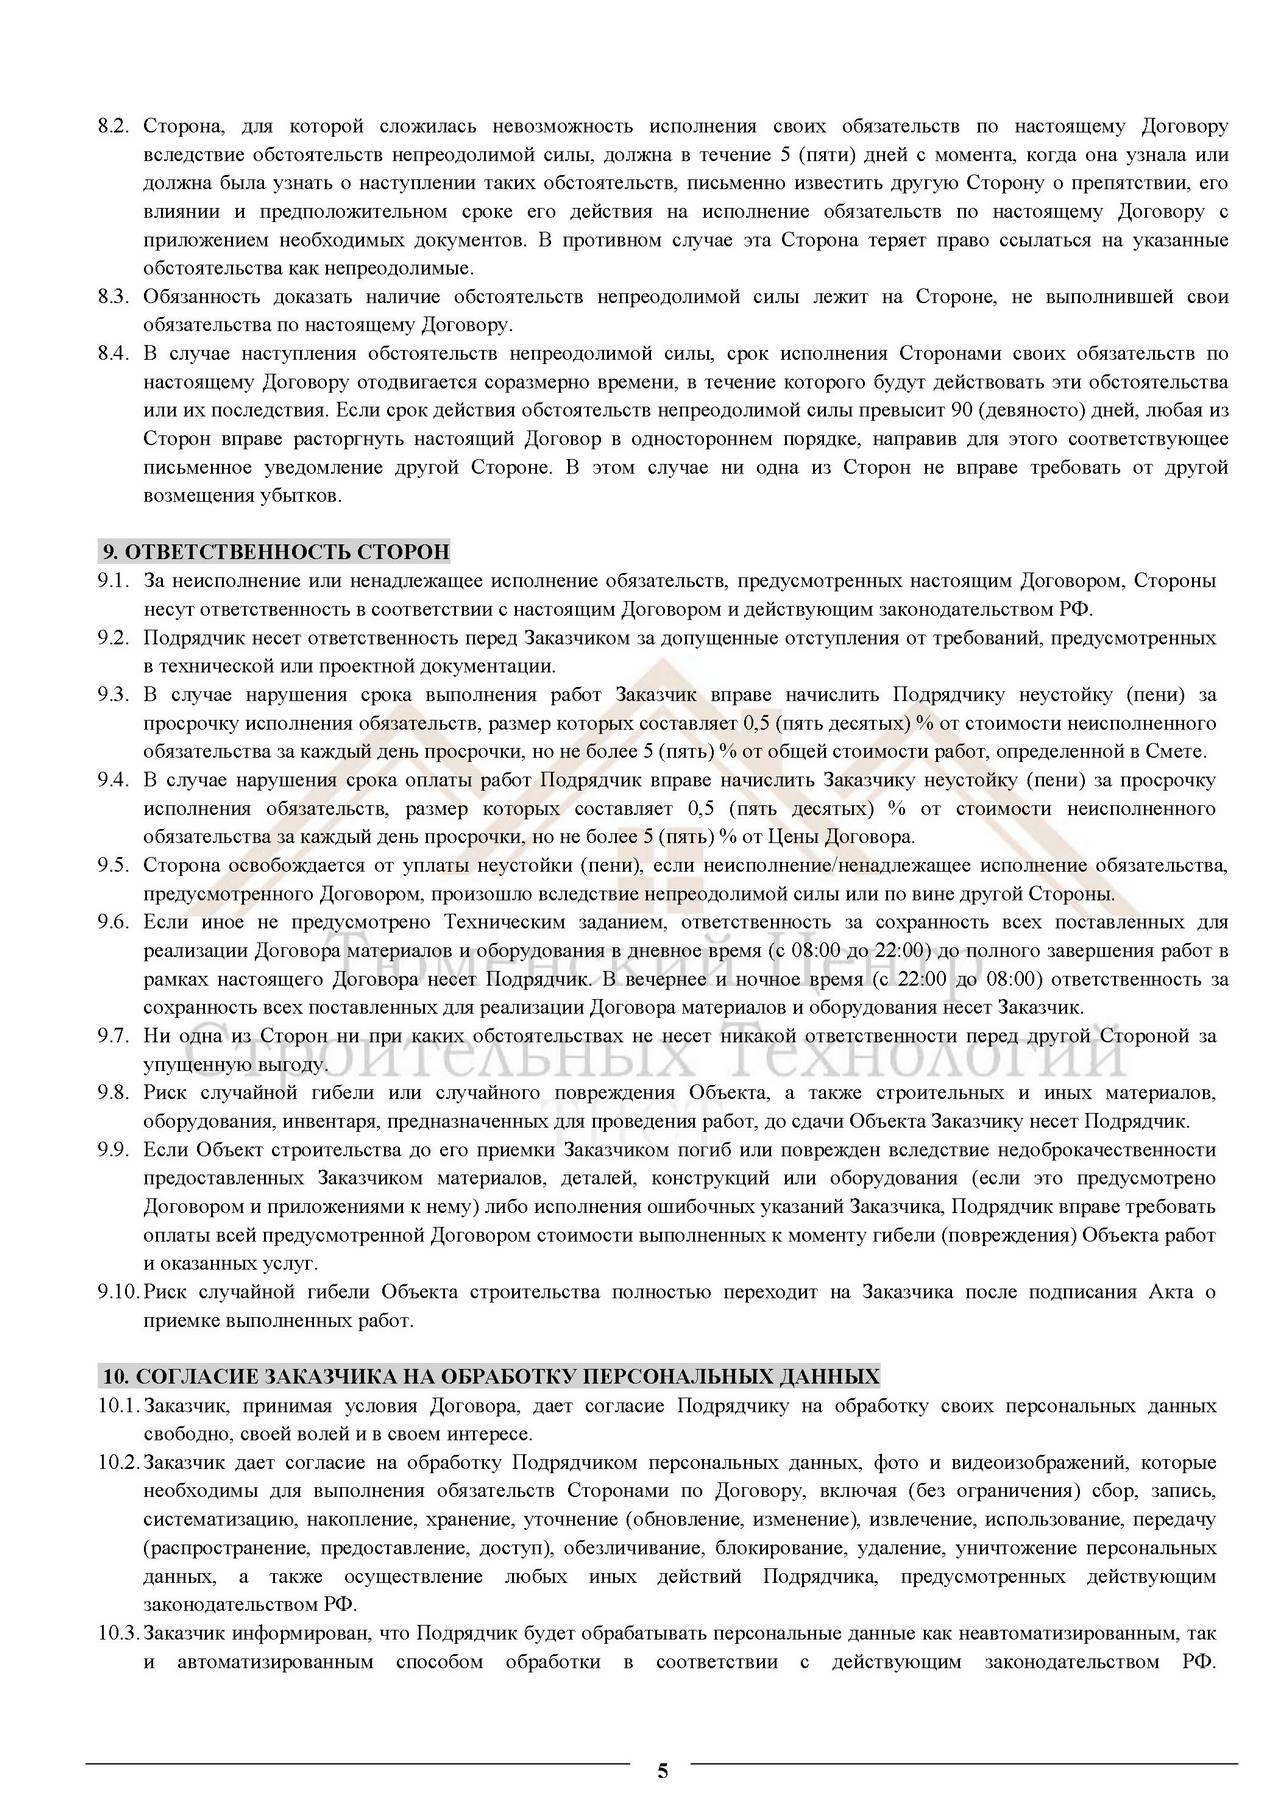 Договор строительного подряда образец 5